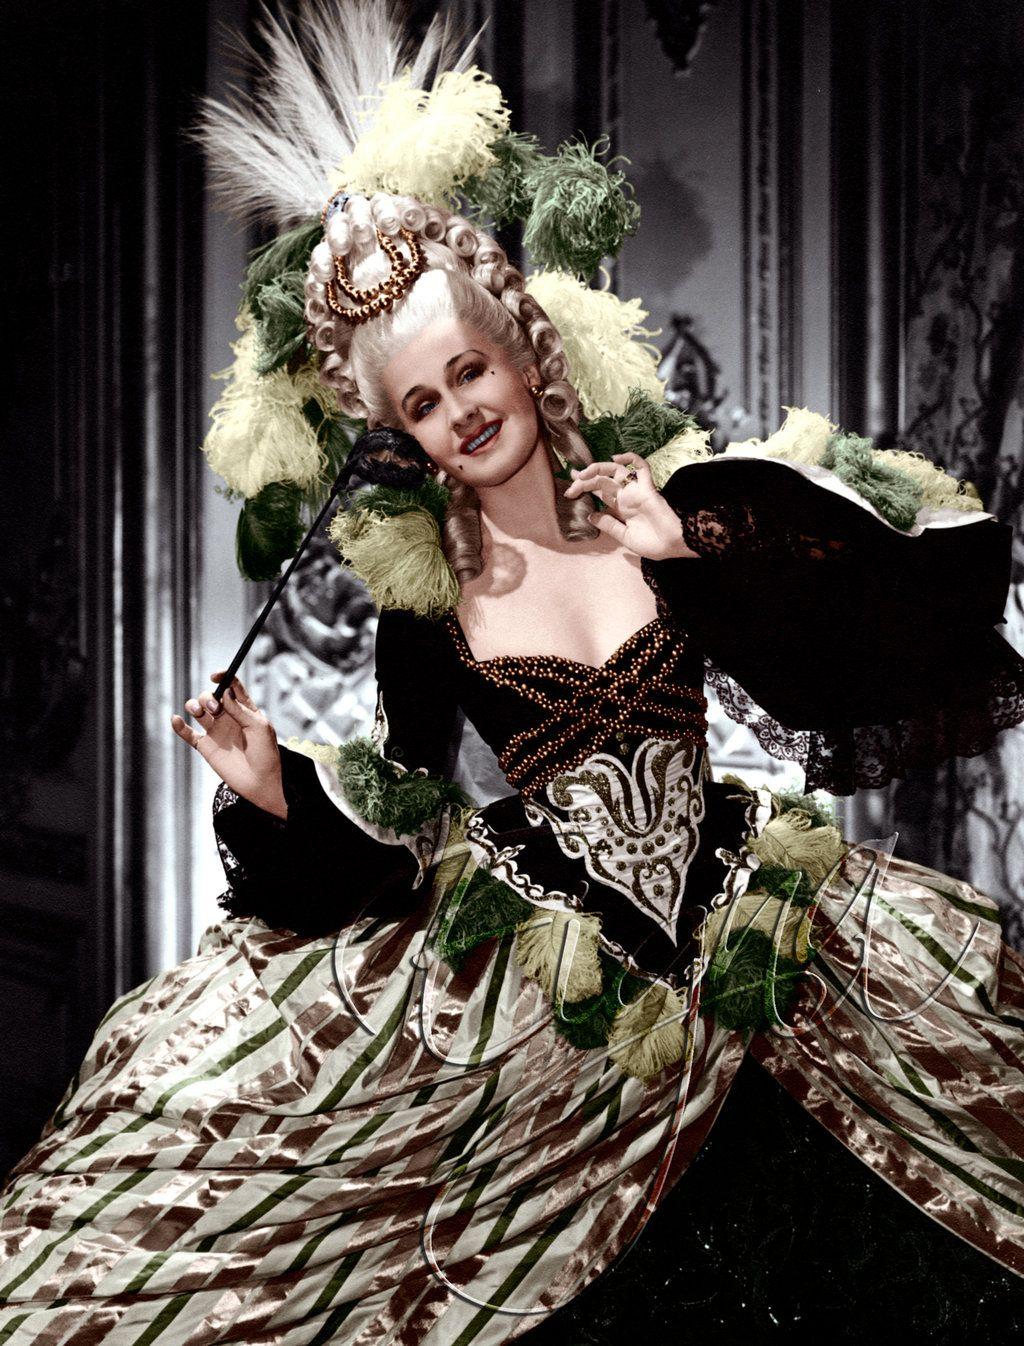 La meilleure Marie Antoinette? - mille et une questions sur marie antoinette    Marie antoinette, Film de marie antoinette, Robe fantaisie